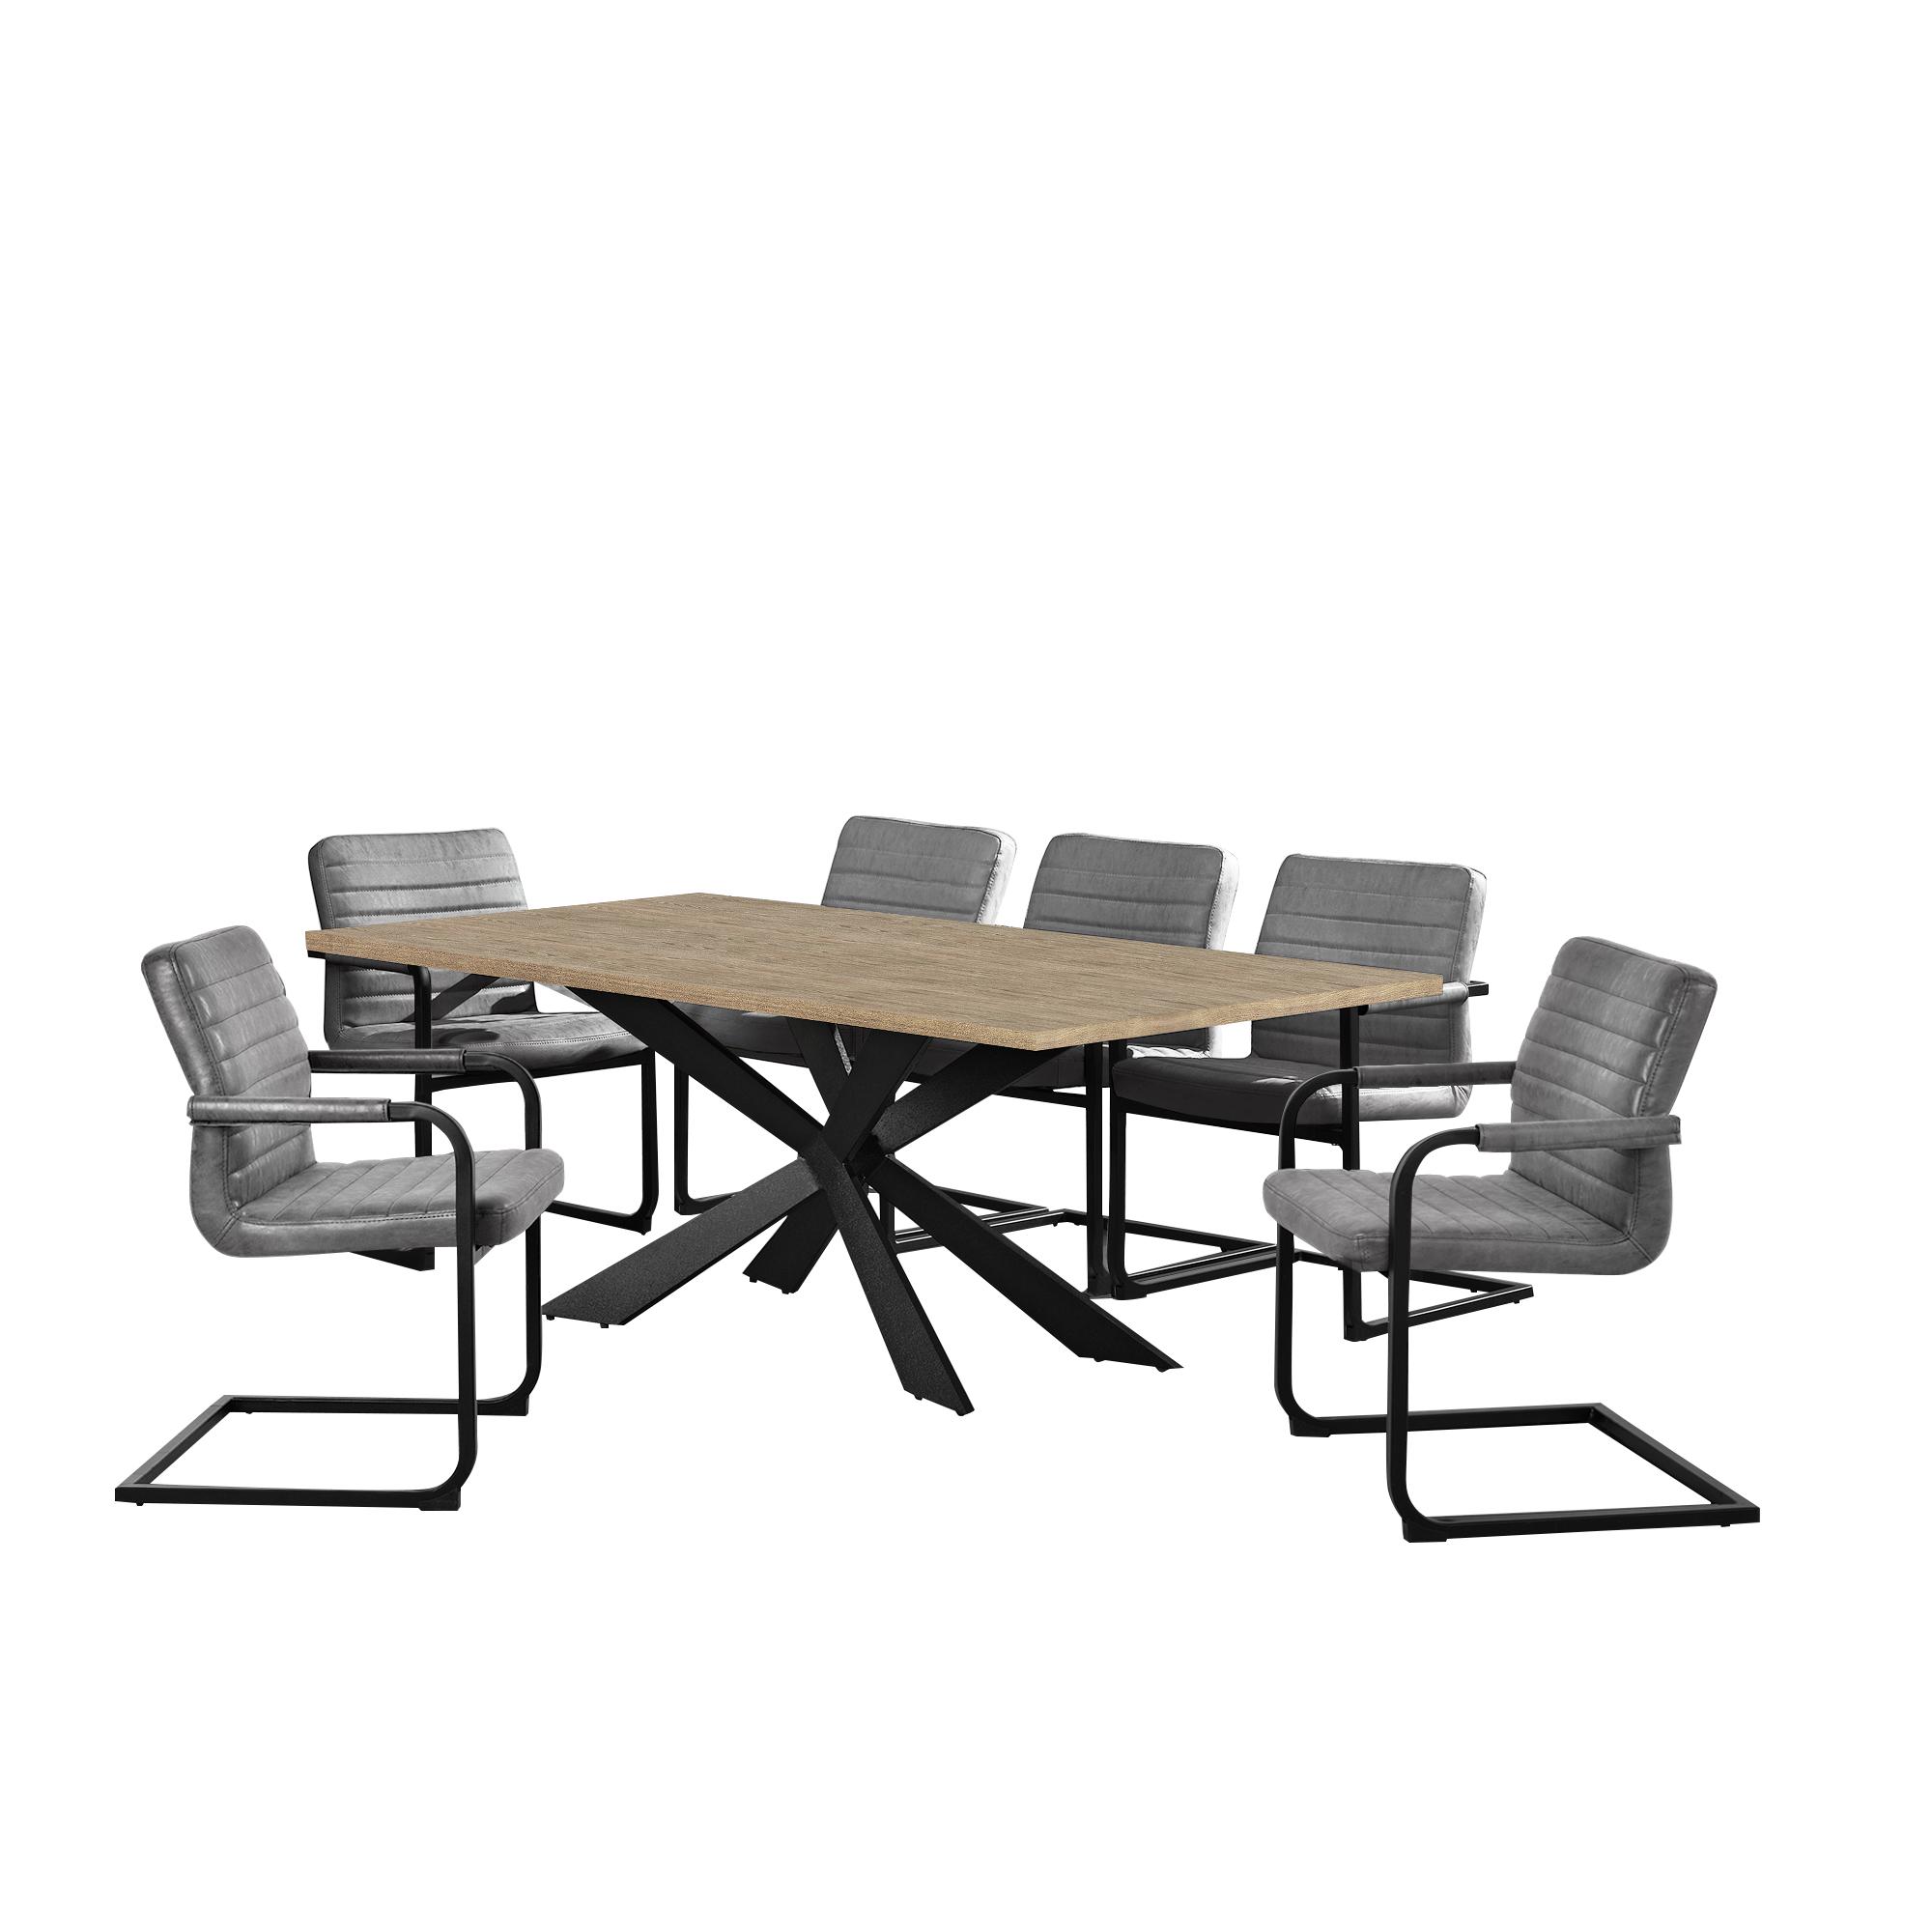 Table de salle manger ch ne mit 6 chaises for Chaise de salle a manger en chene